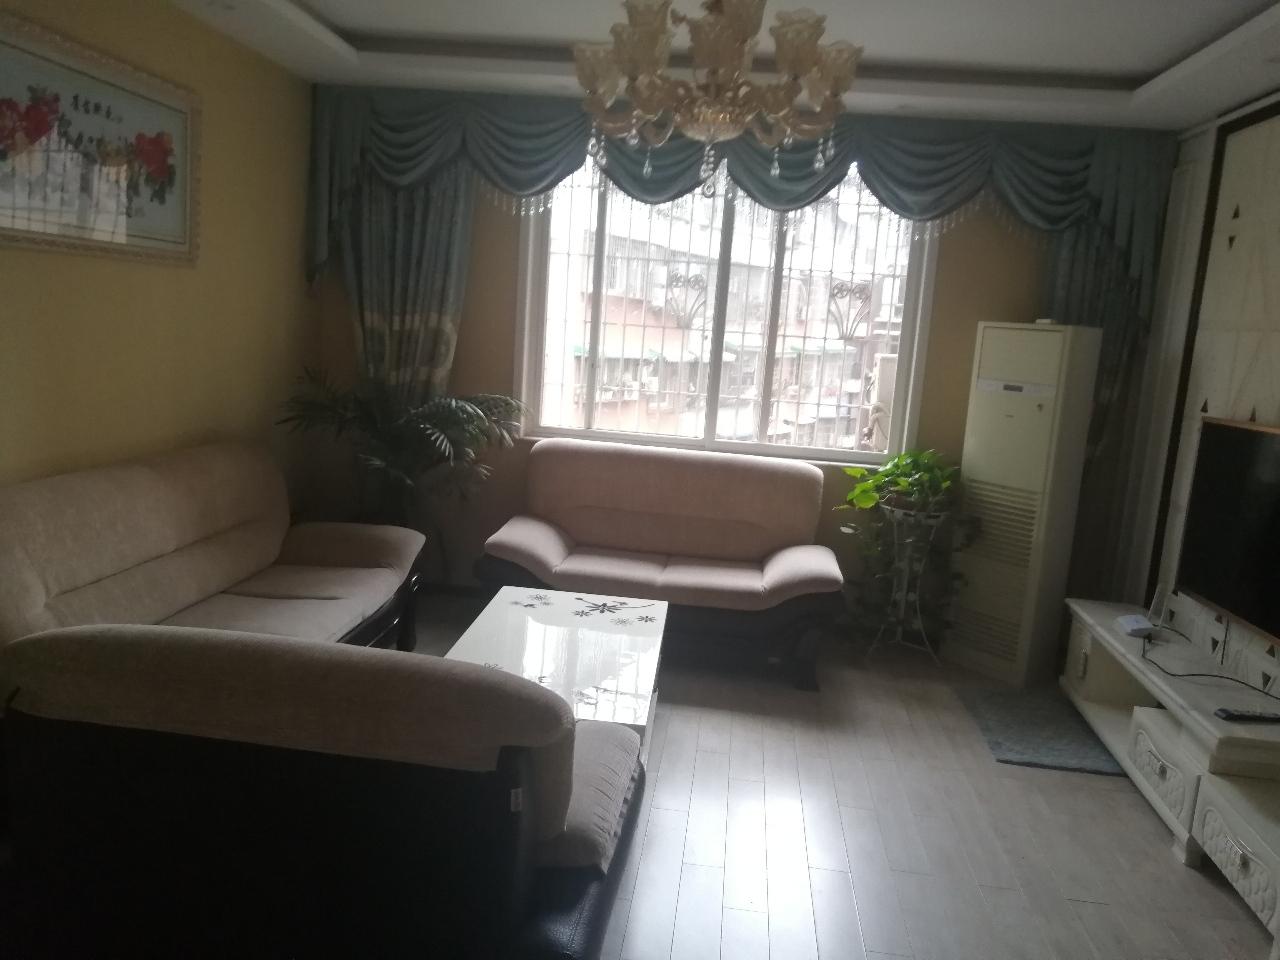 丽都滨河3室 2厅 1卫73.8万元